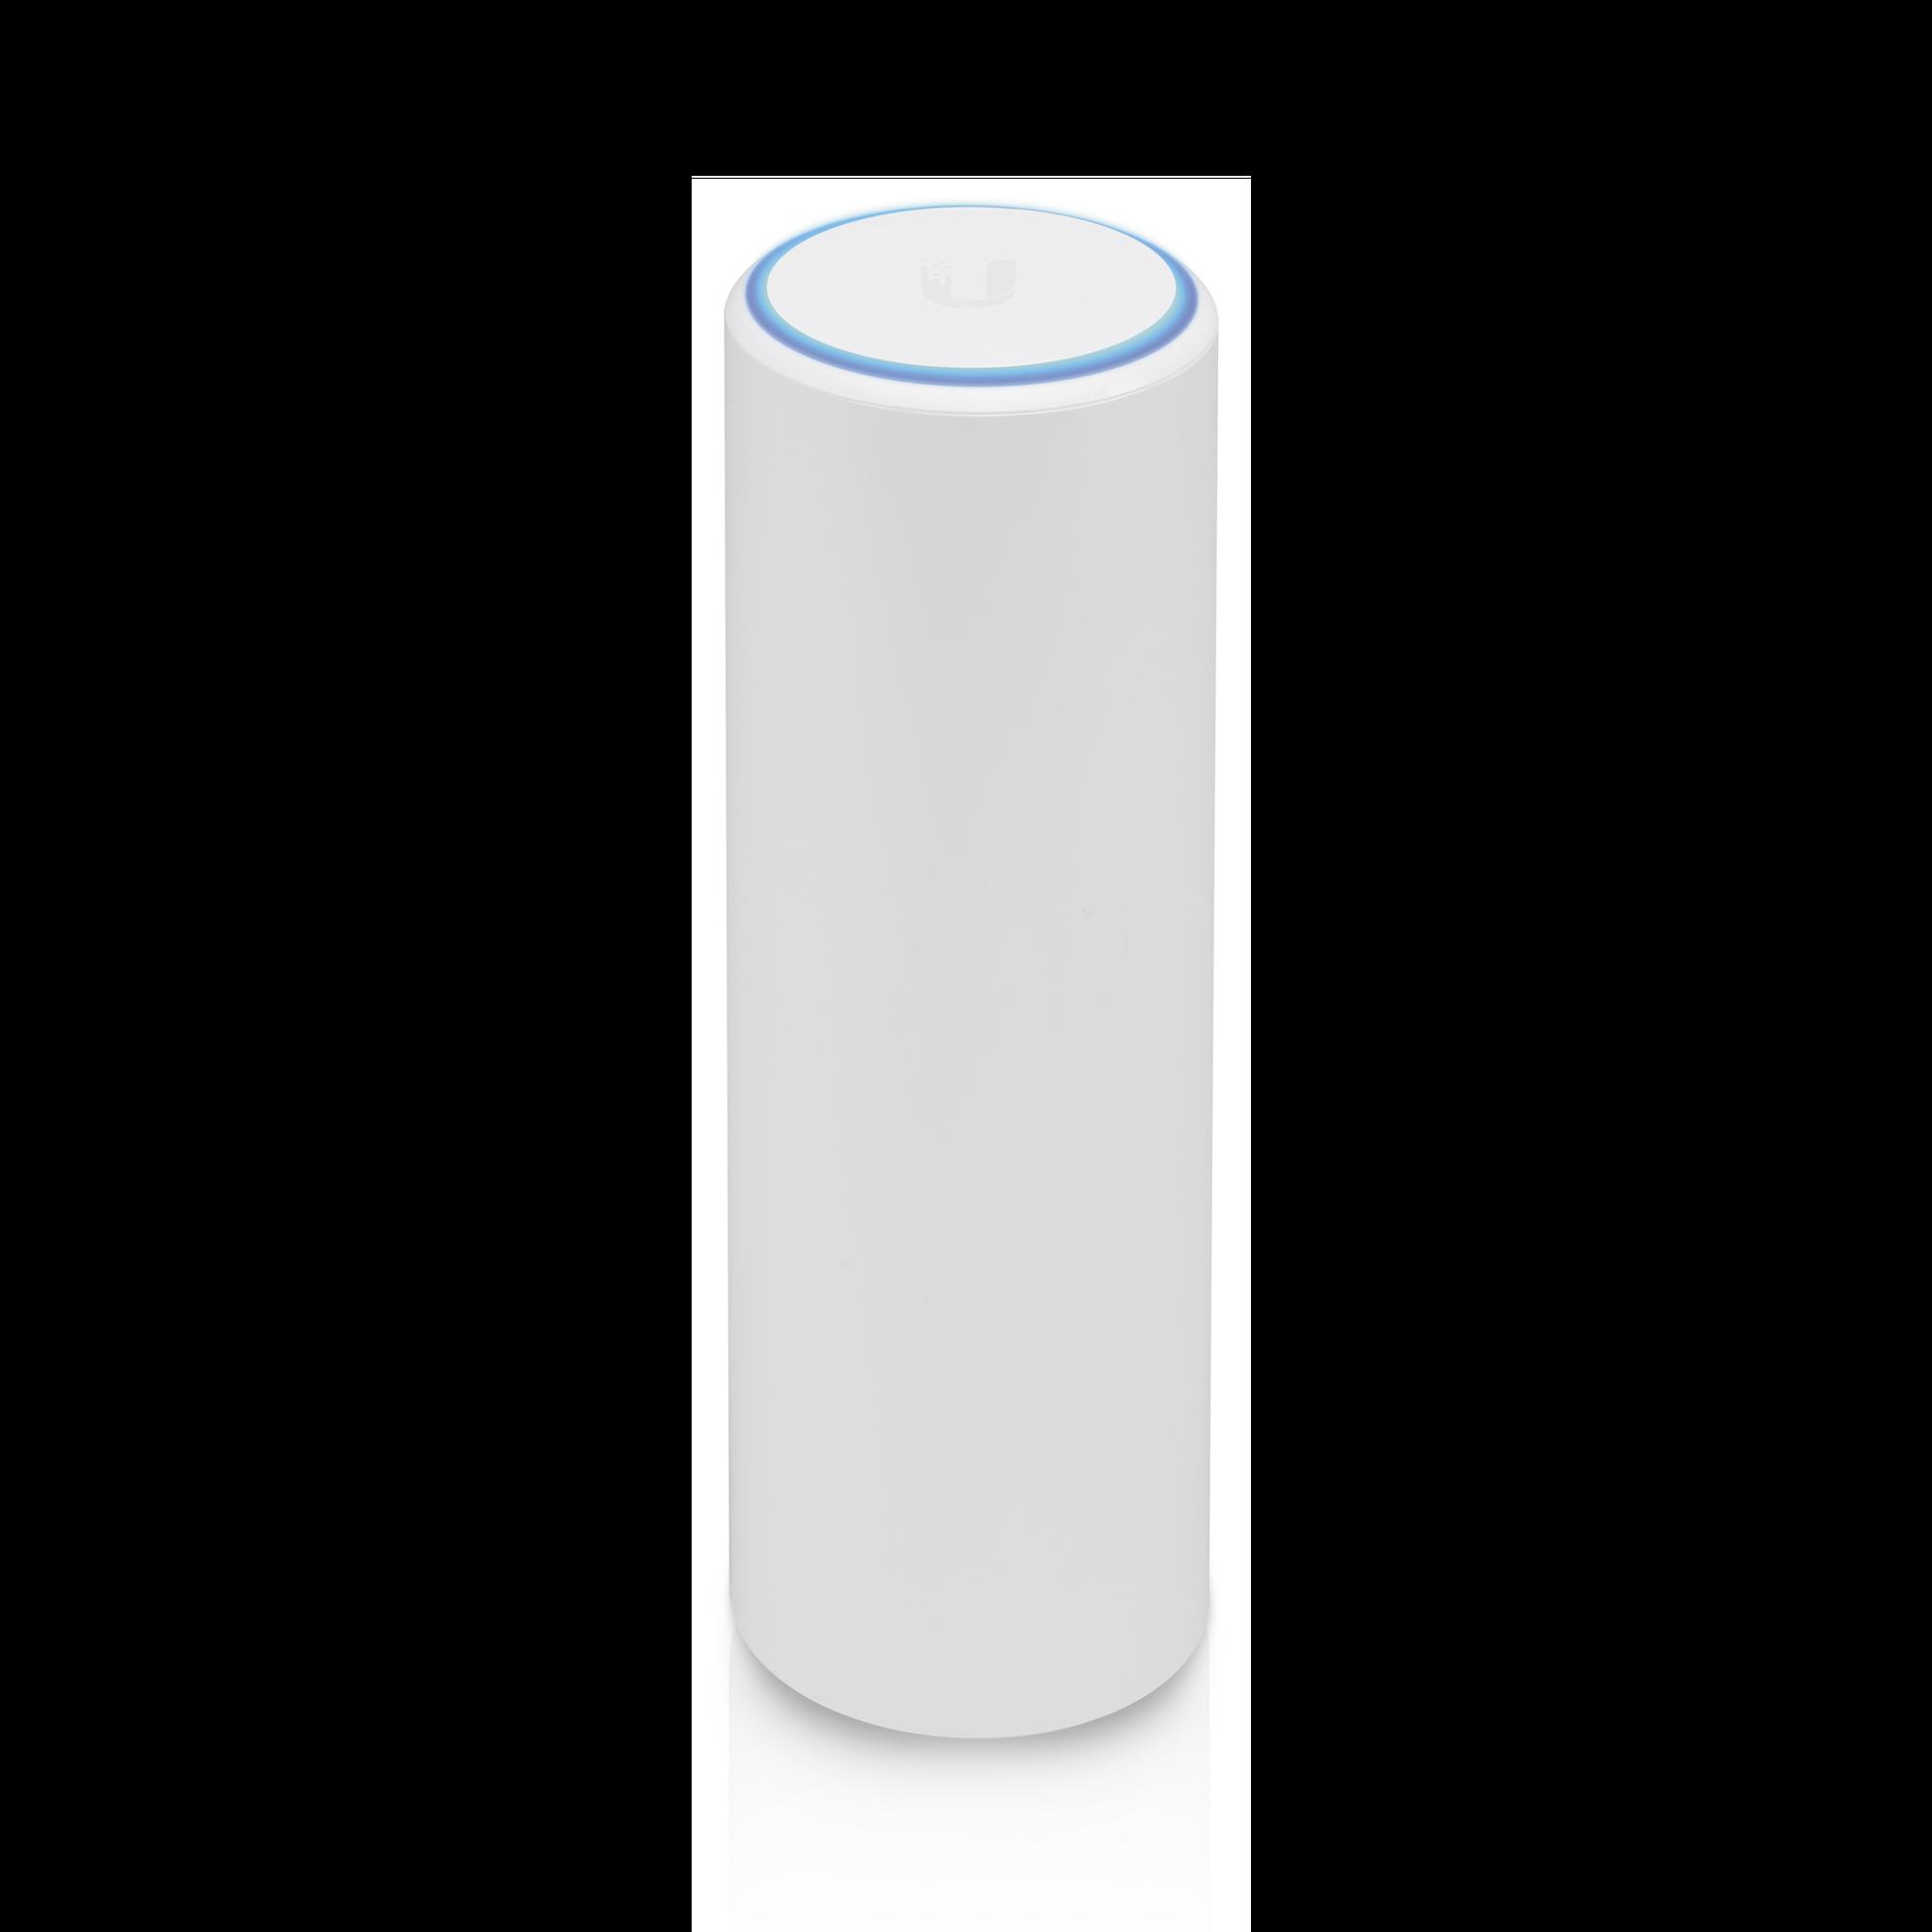 Access Point Empresarial UniFi Flex HD doble banda para interior o exterior MU-MIMO 4X4 802.11ac Wave 2